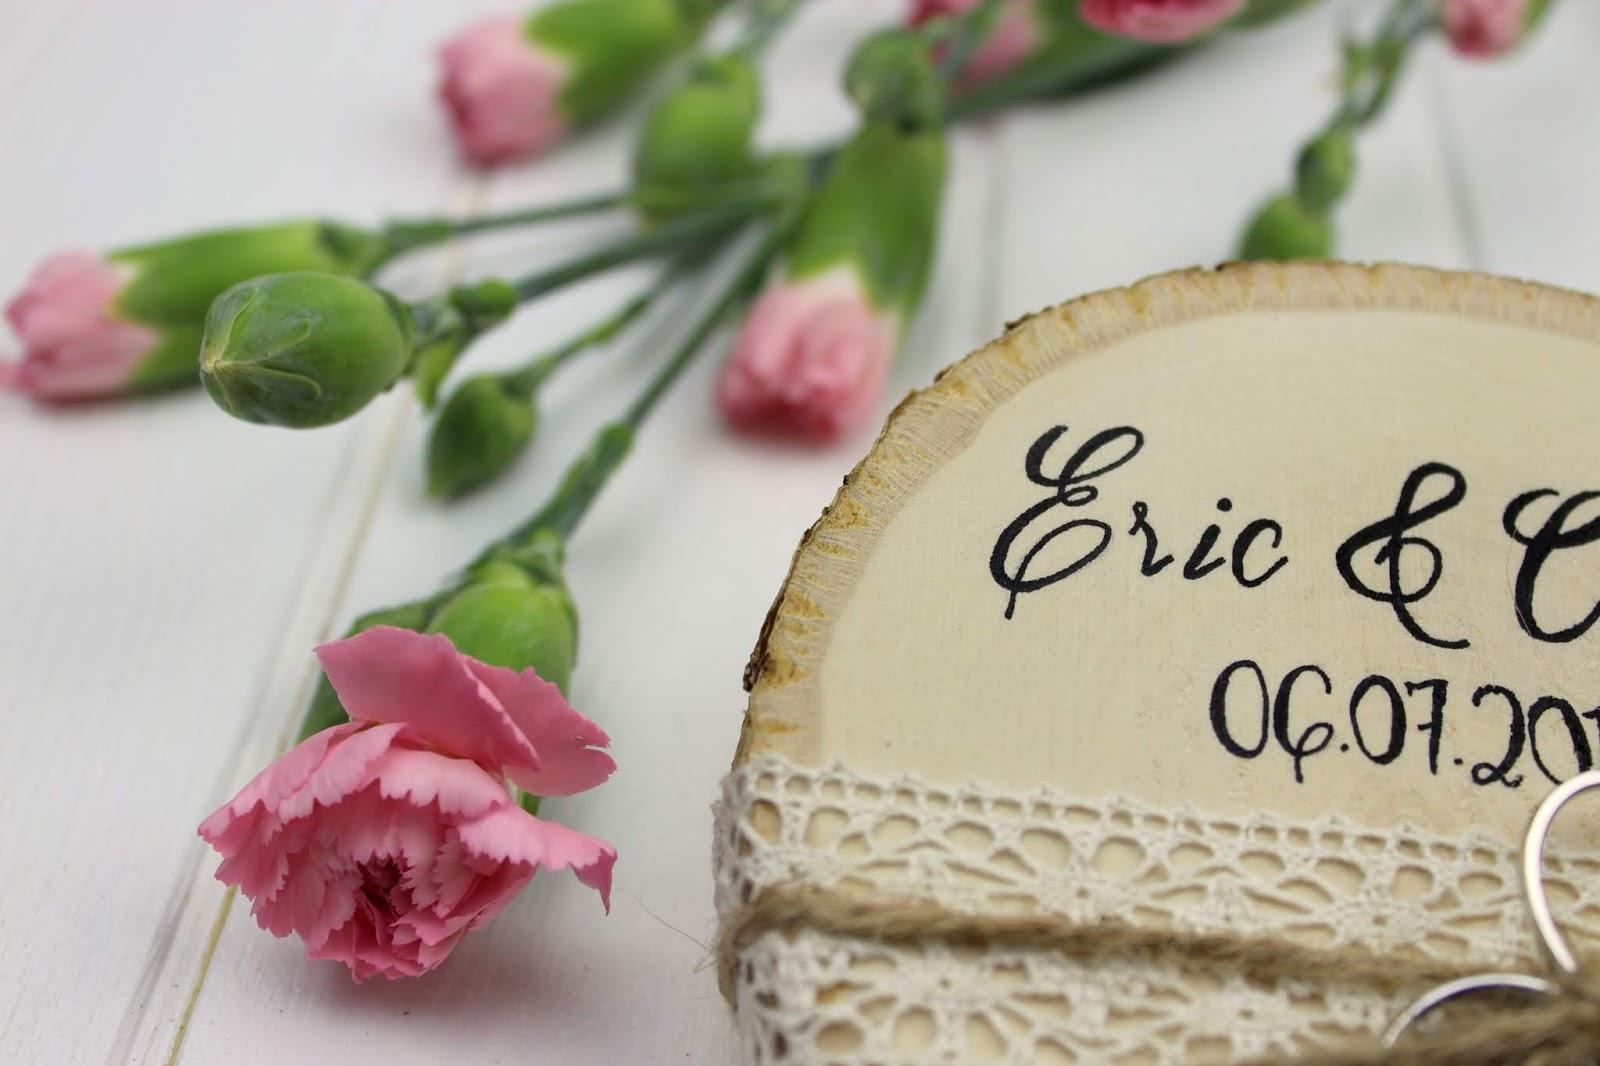 DIY - Rustikales Ringkissen auf einer Baumscheibe ganz einfach selber machen - perfekt für eure Hochzeit